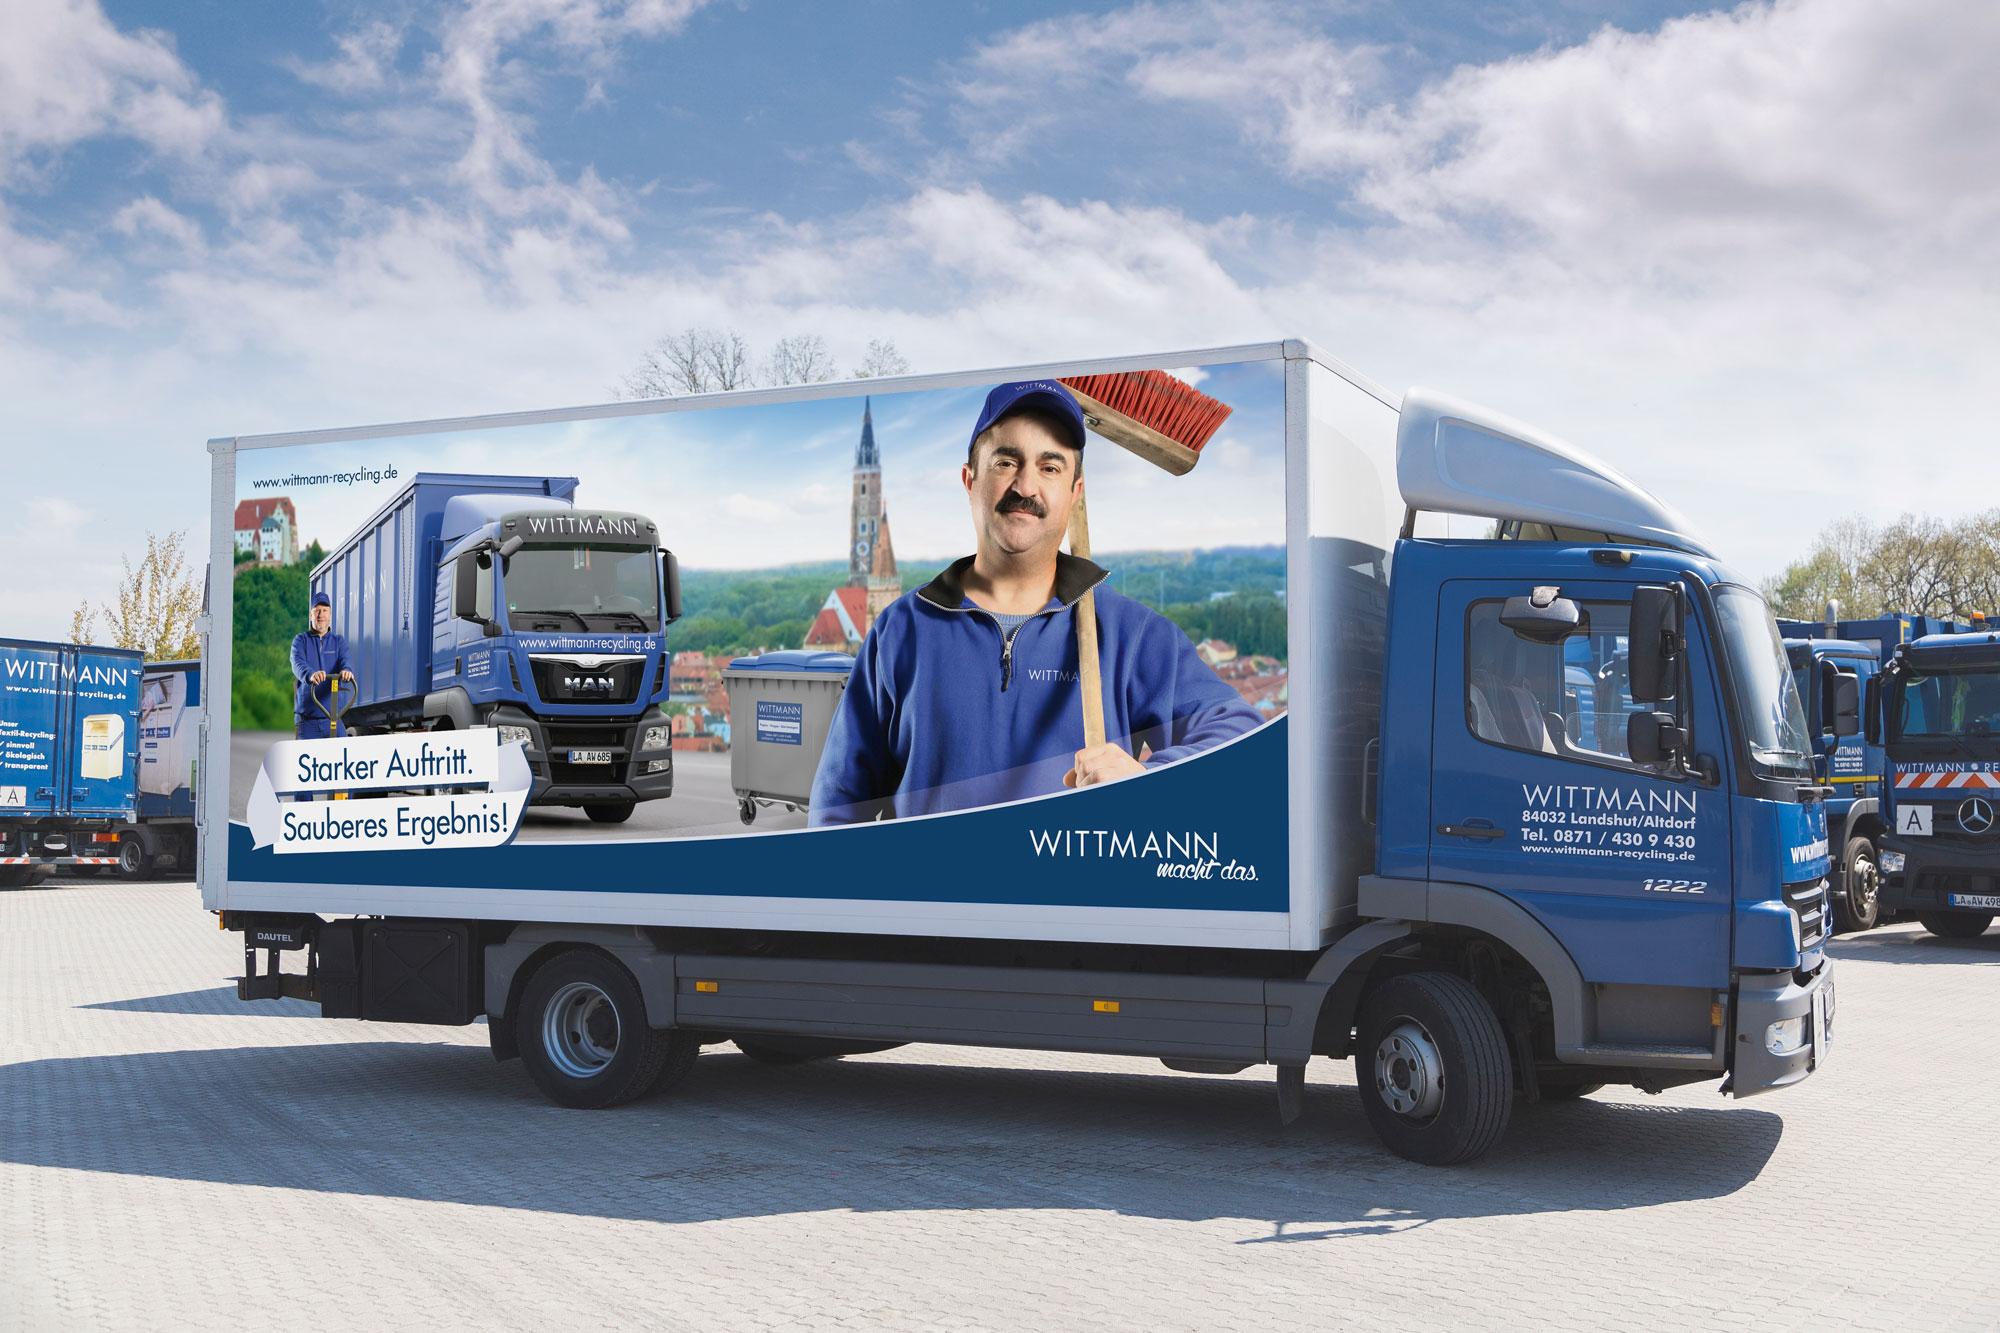 Wittmann Recycling LKW mit Aufdruck